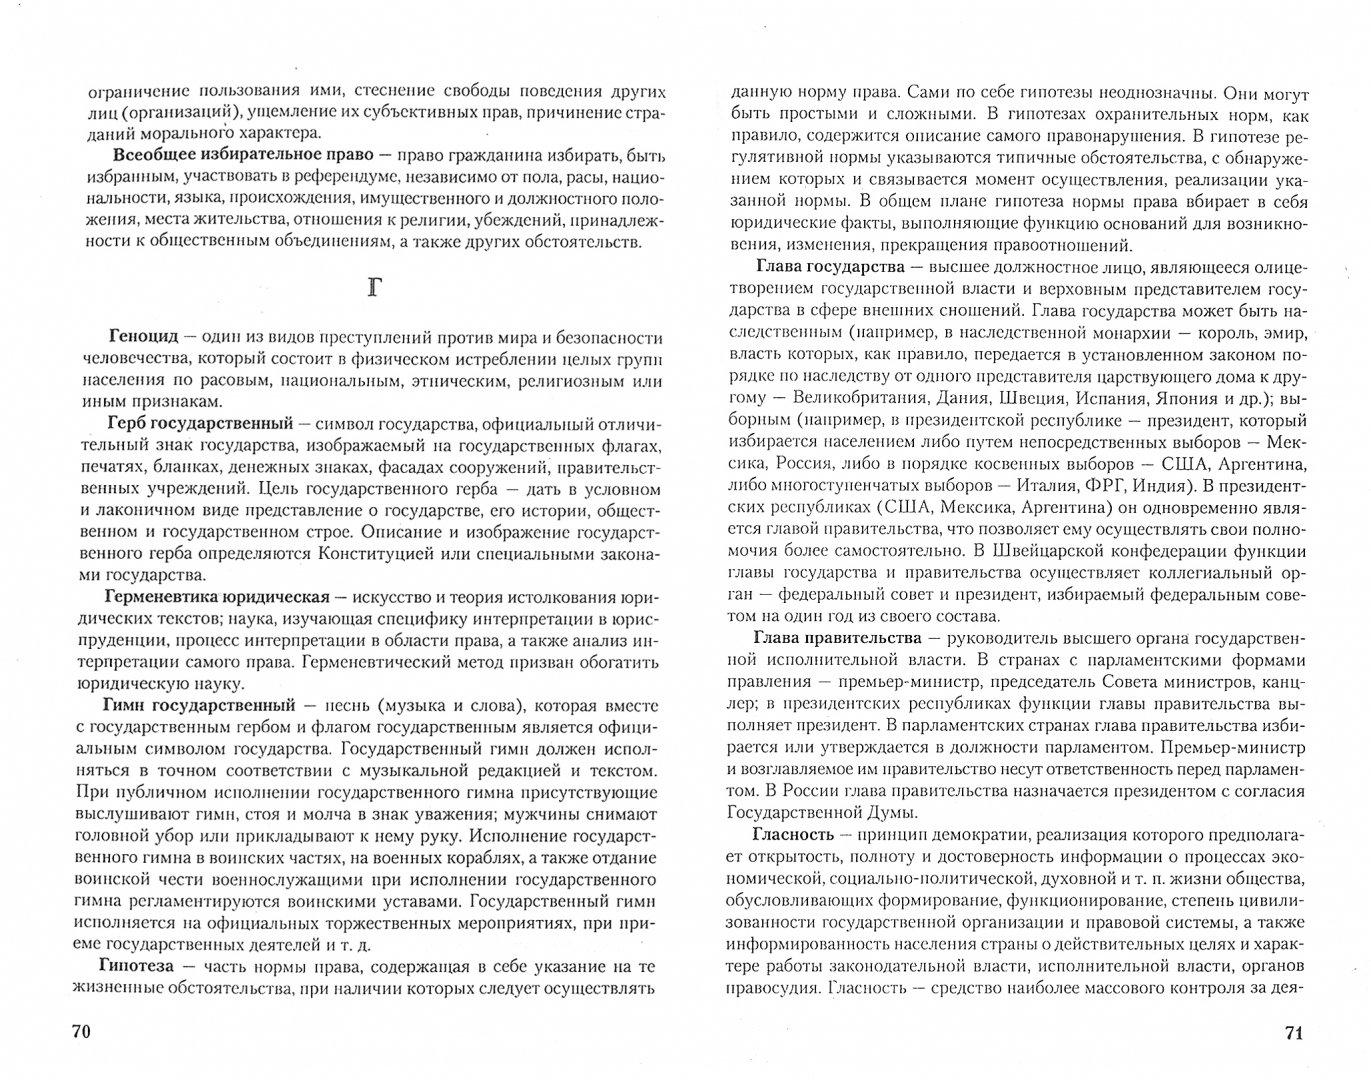 Иллюстрация 1 из 12 для Теория государства и права в схемах и определениях. Учебное пособие - Тимофей Радько | Лабиринт - книги. Источник: Лабиринт